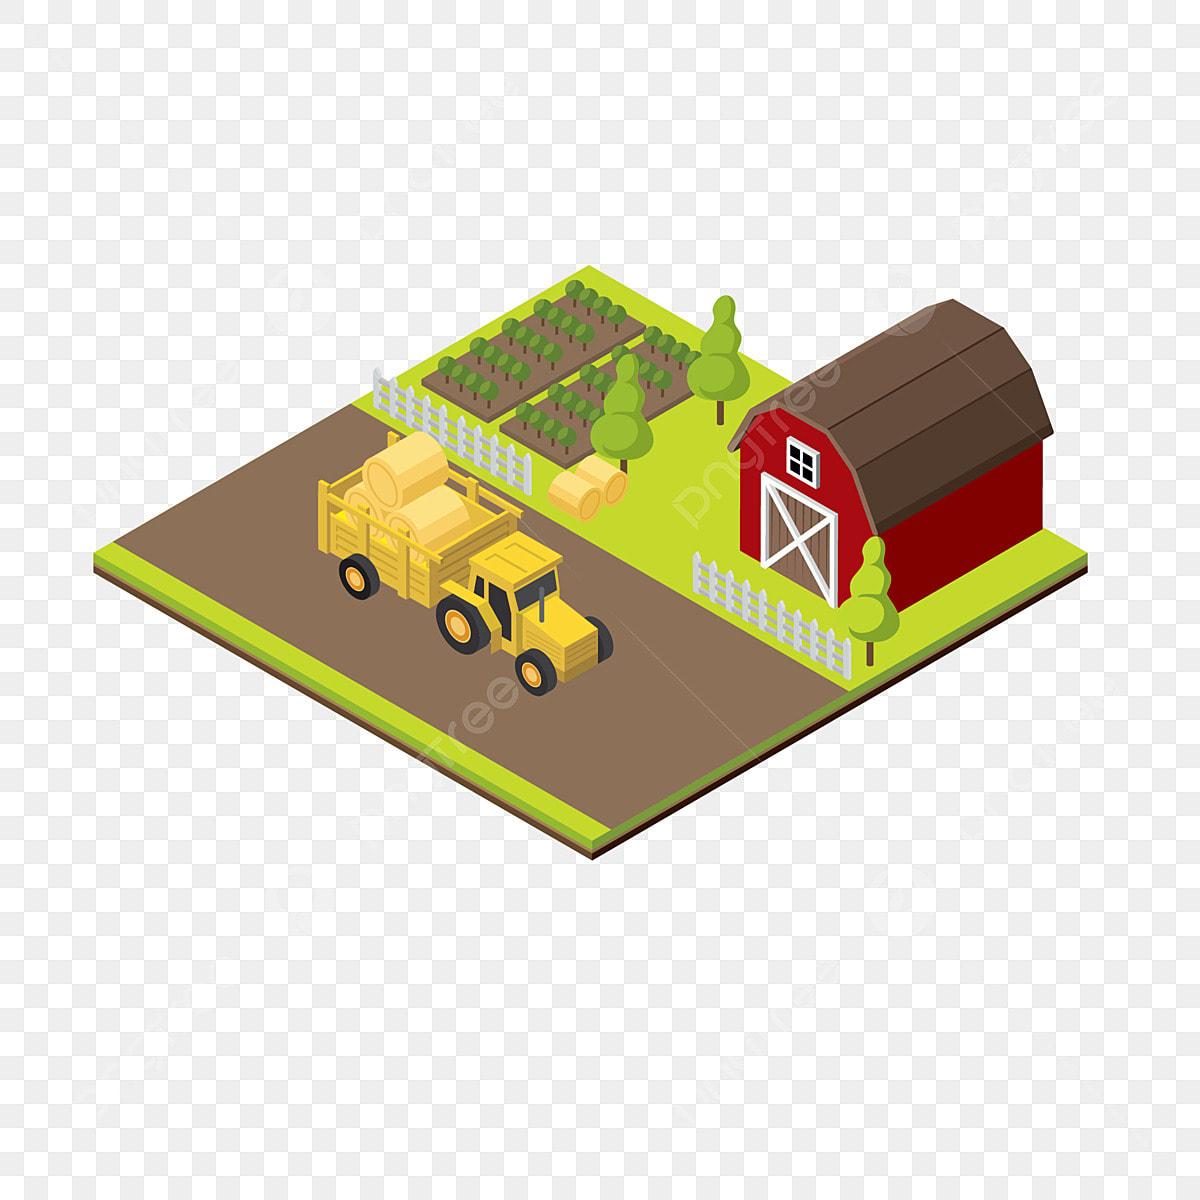 dessin anim u00e9 ferme 2d ferme dessin anim u00e9 2d maison anim u00e9